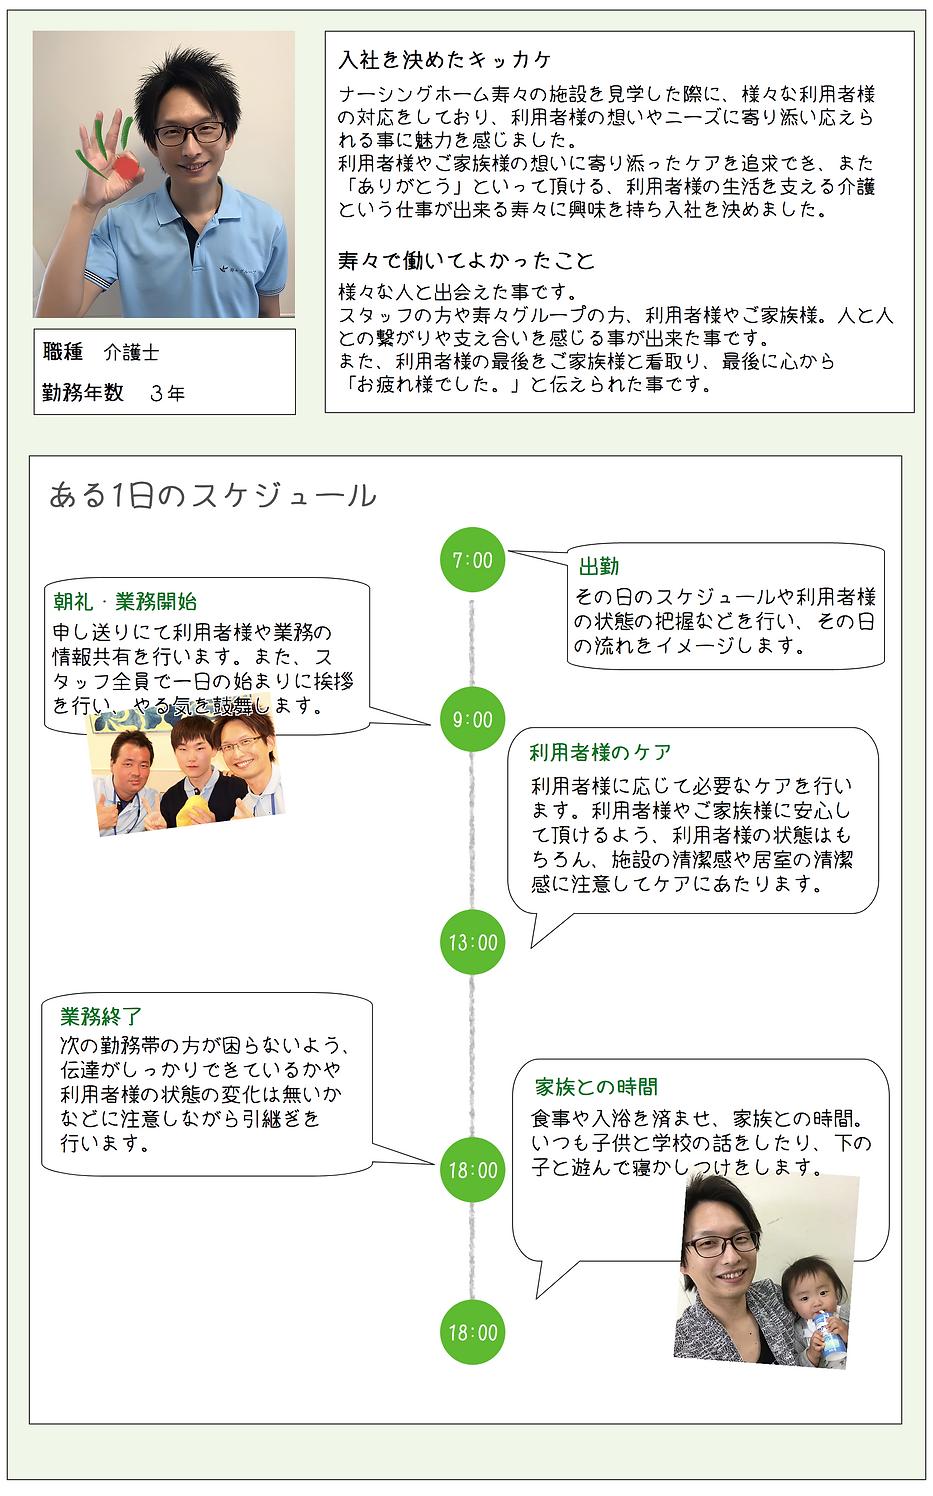 澤田介護主任 1日PDF.png